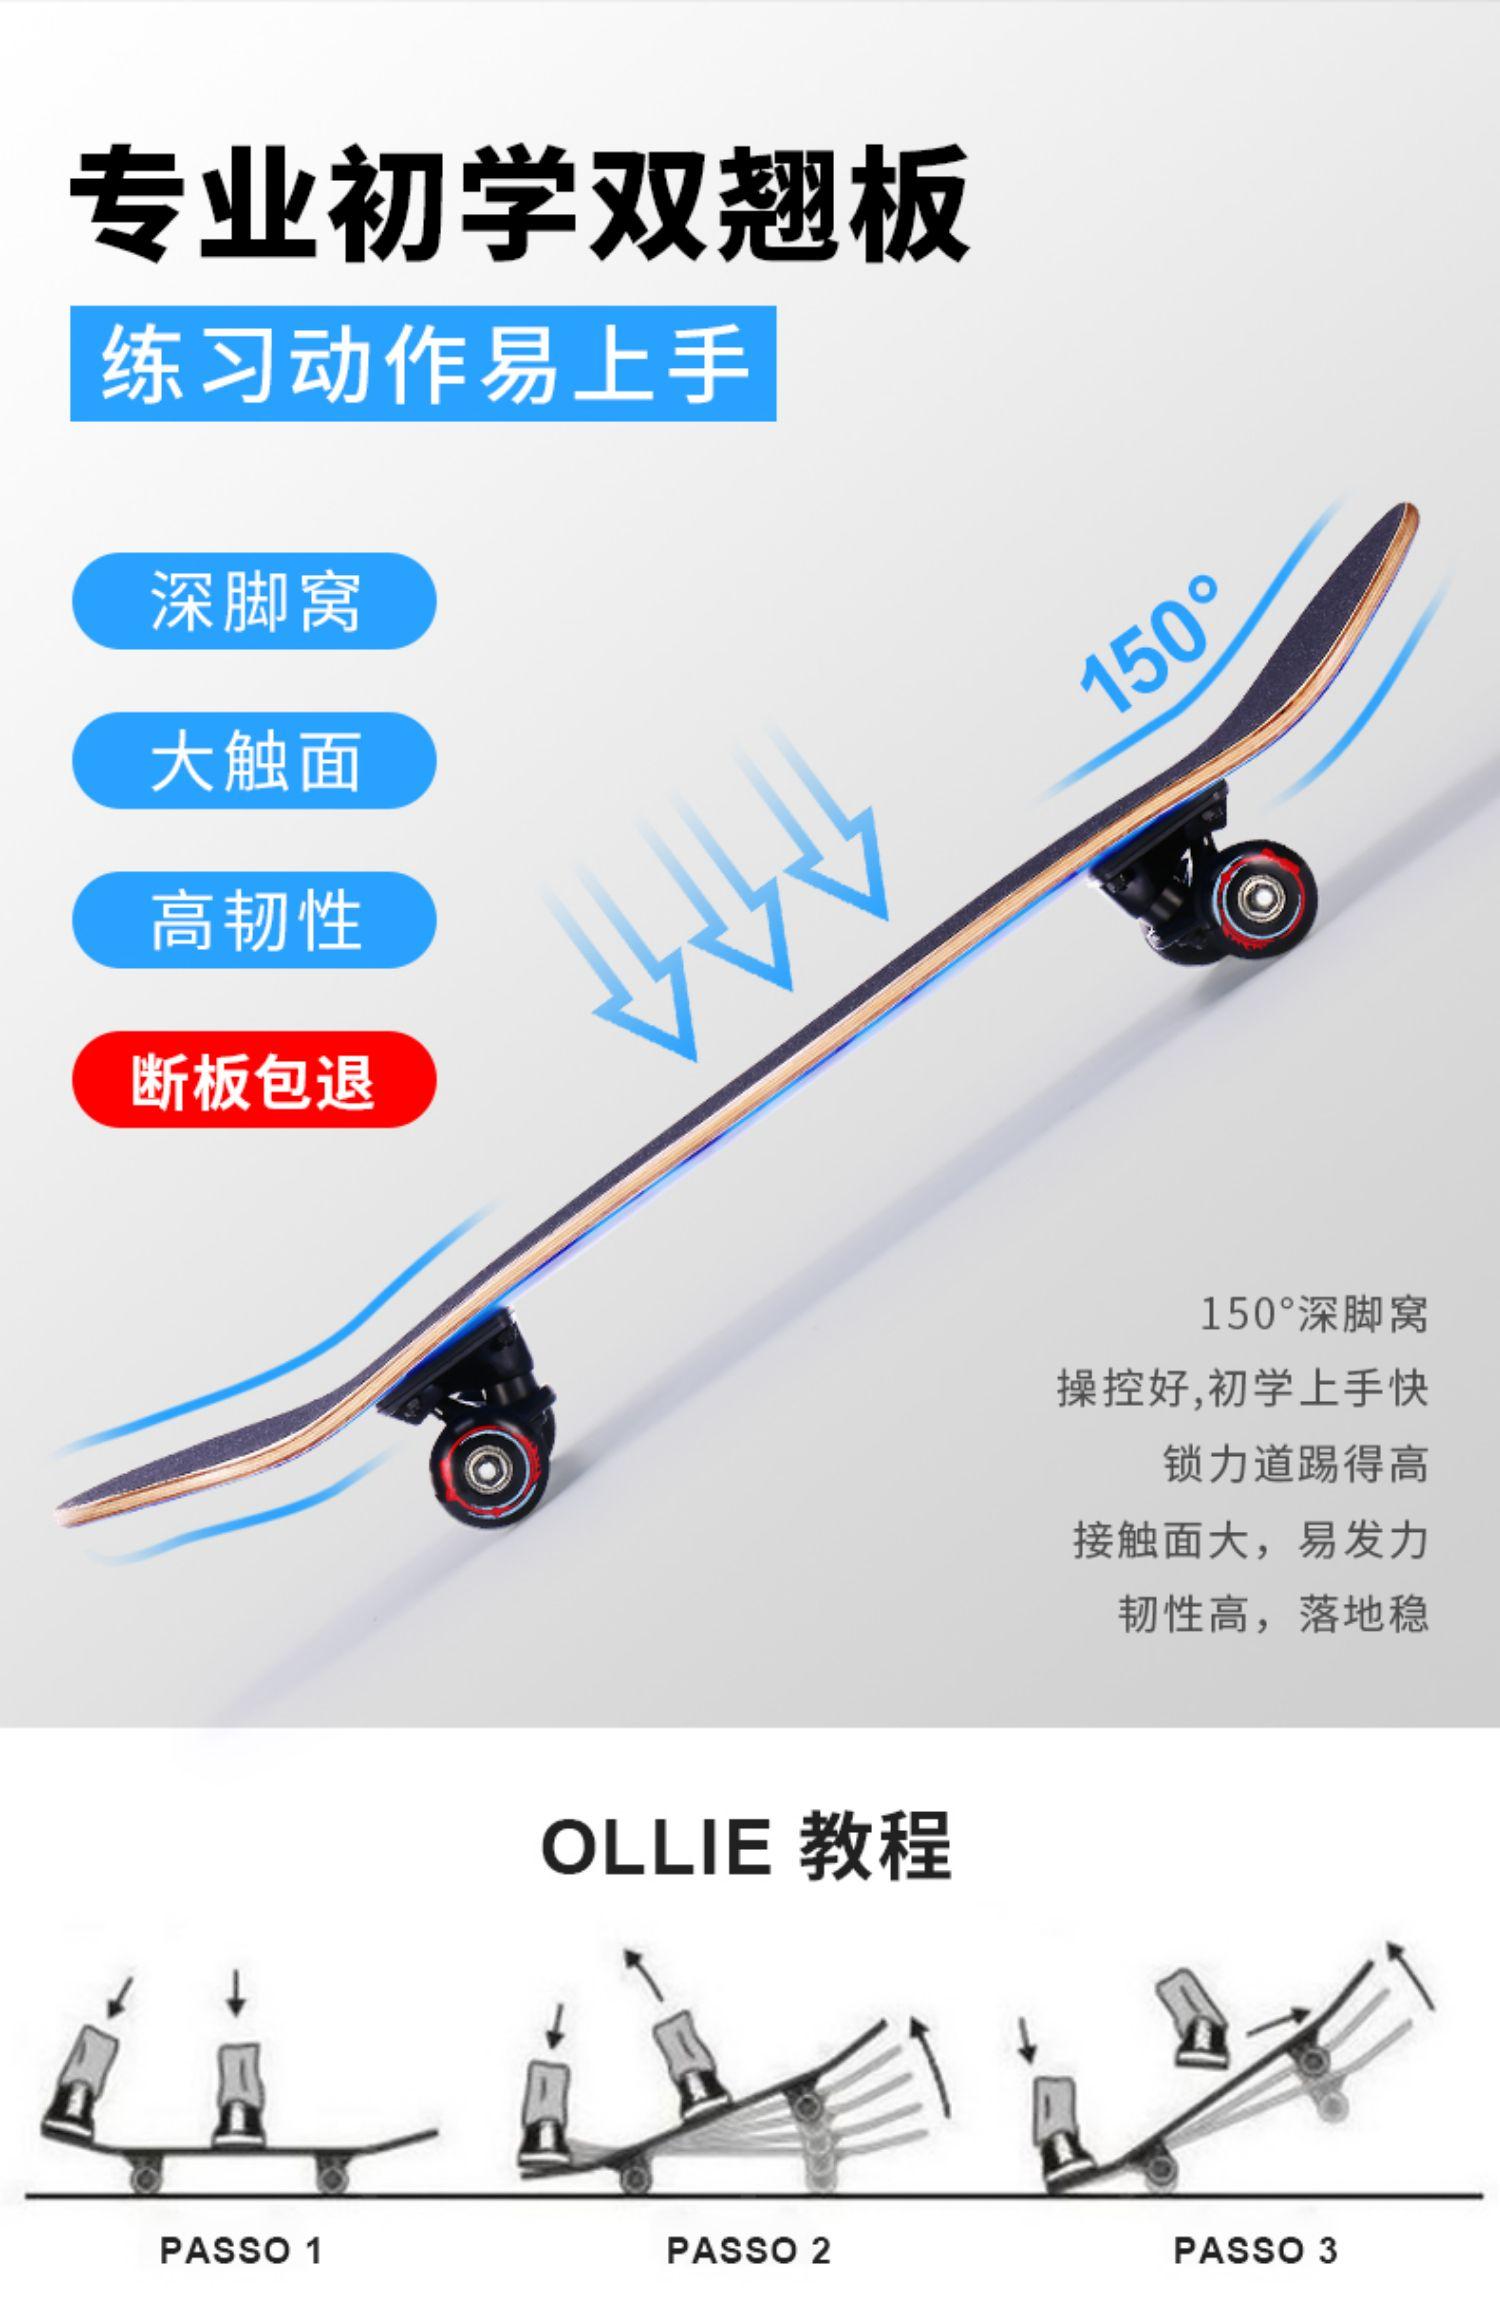 专业板双翘滑板初学者成人青少年儿童女生抖音刷街四轮滑板车男孩商品详情图